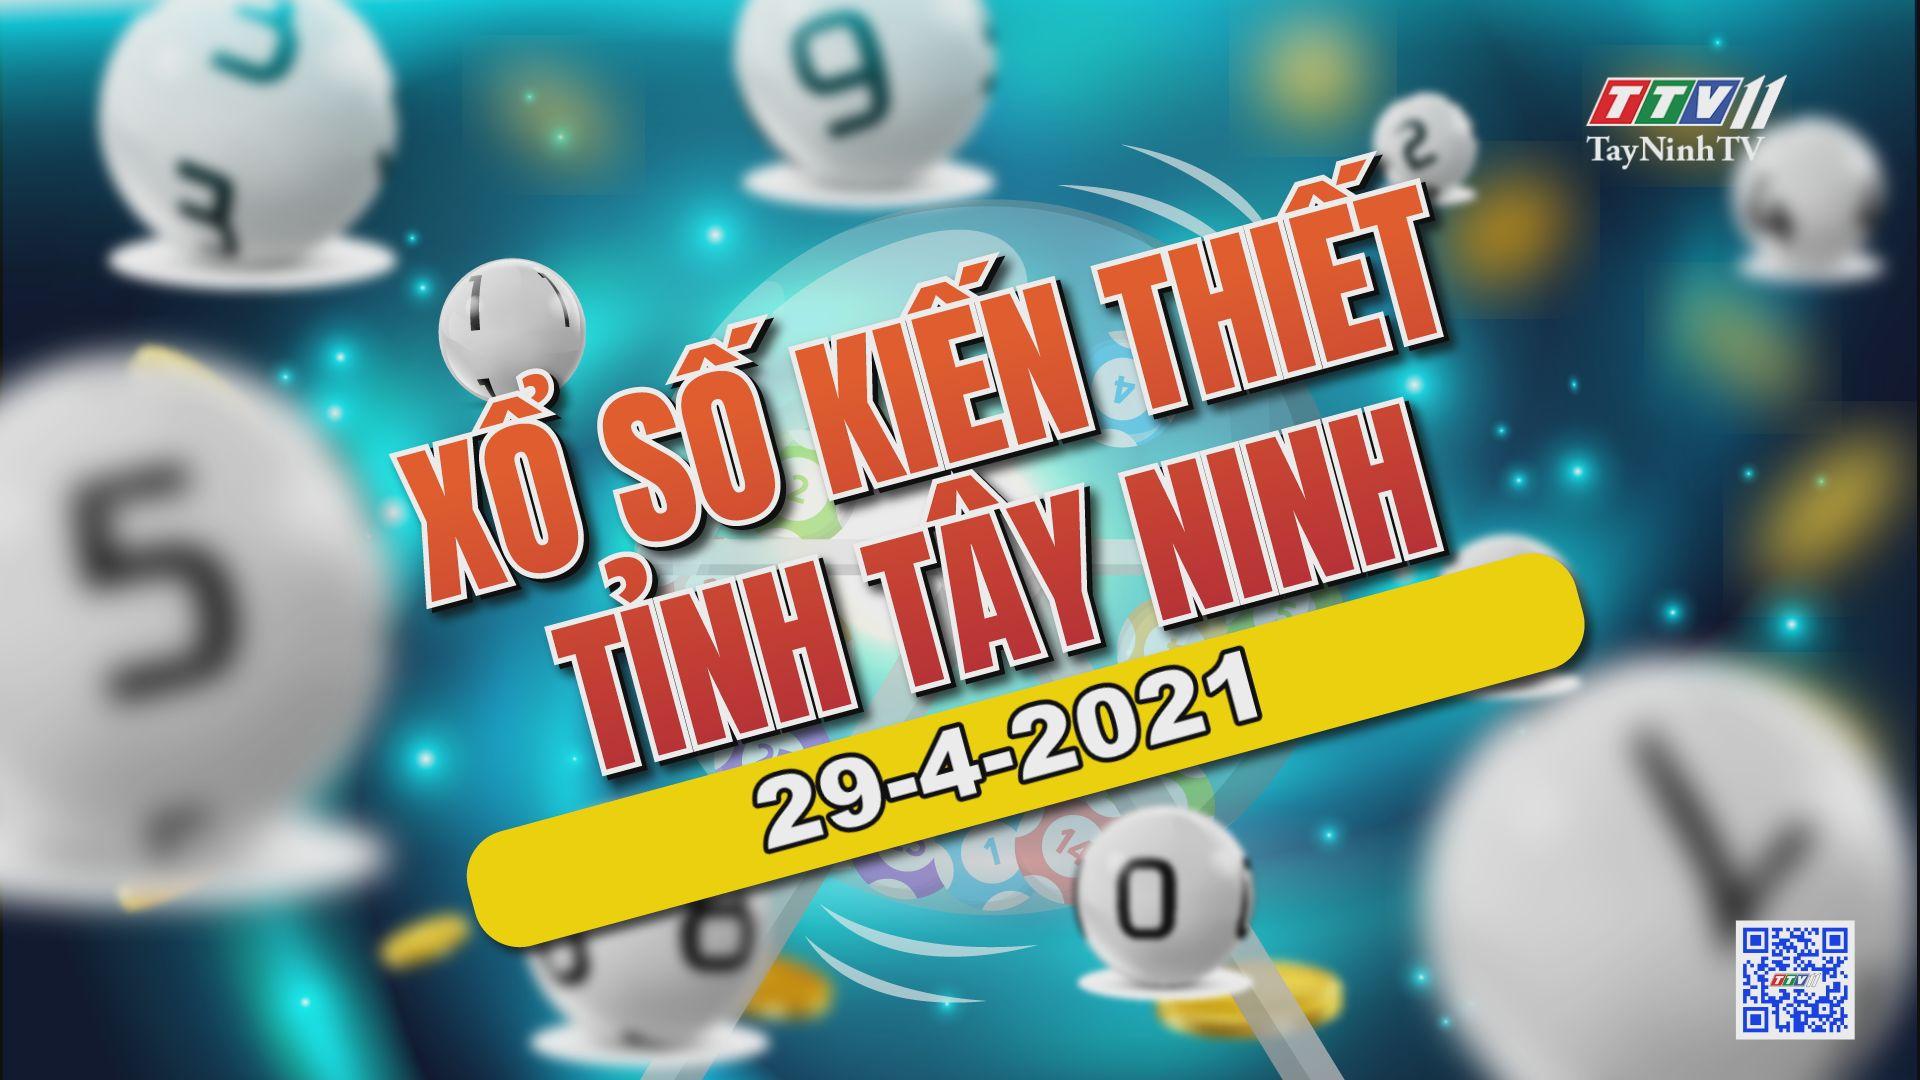 Trực tiếp Xổ số Tây Ninh ngày 29-4-2021 | TayNinhTVE